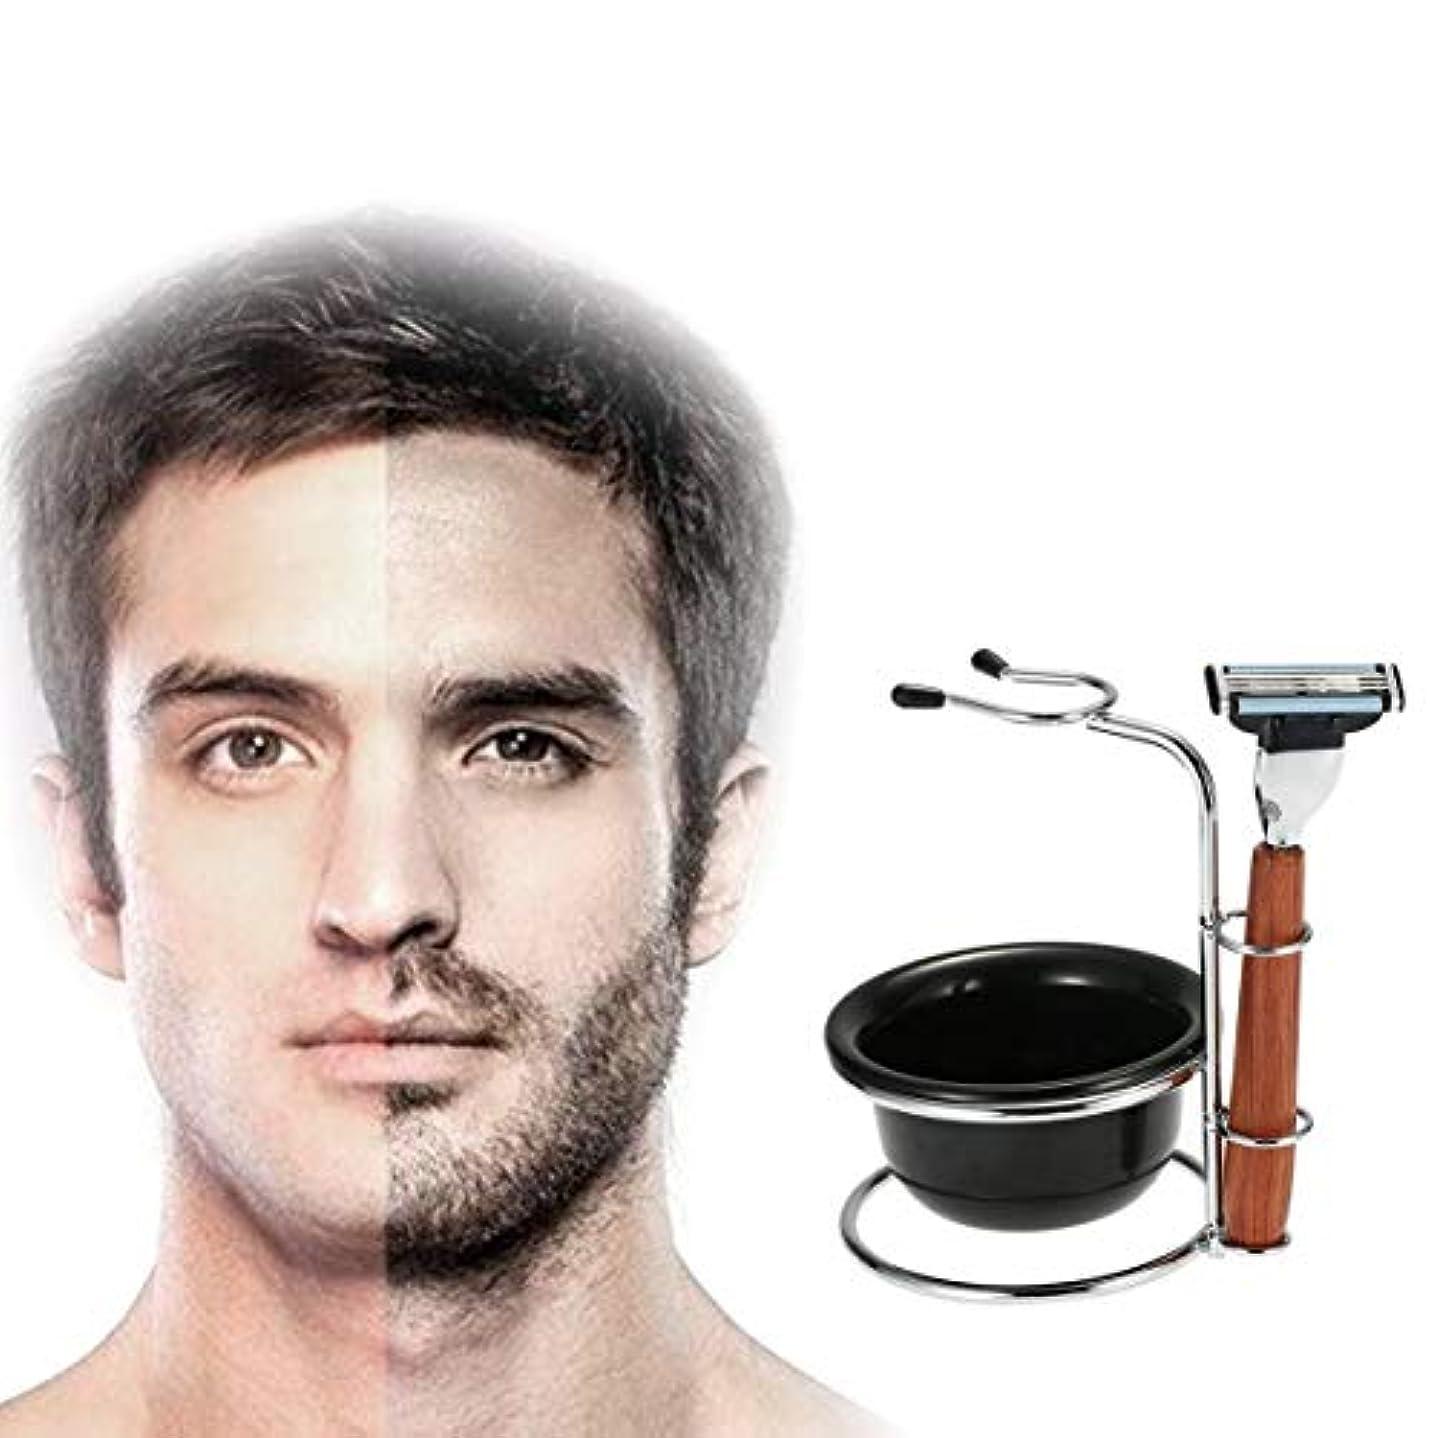 レガシーすばらしいですメロディーManual Shaving Set Old-fashioned Beard Razor Rosewood Men Shavers Shaving Razor Hair Trimmer Washable For Home...